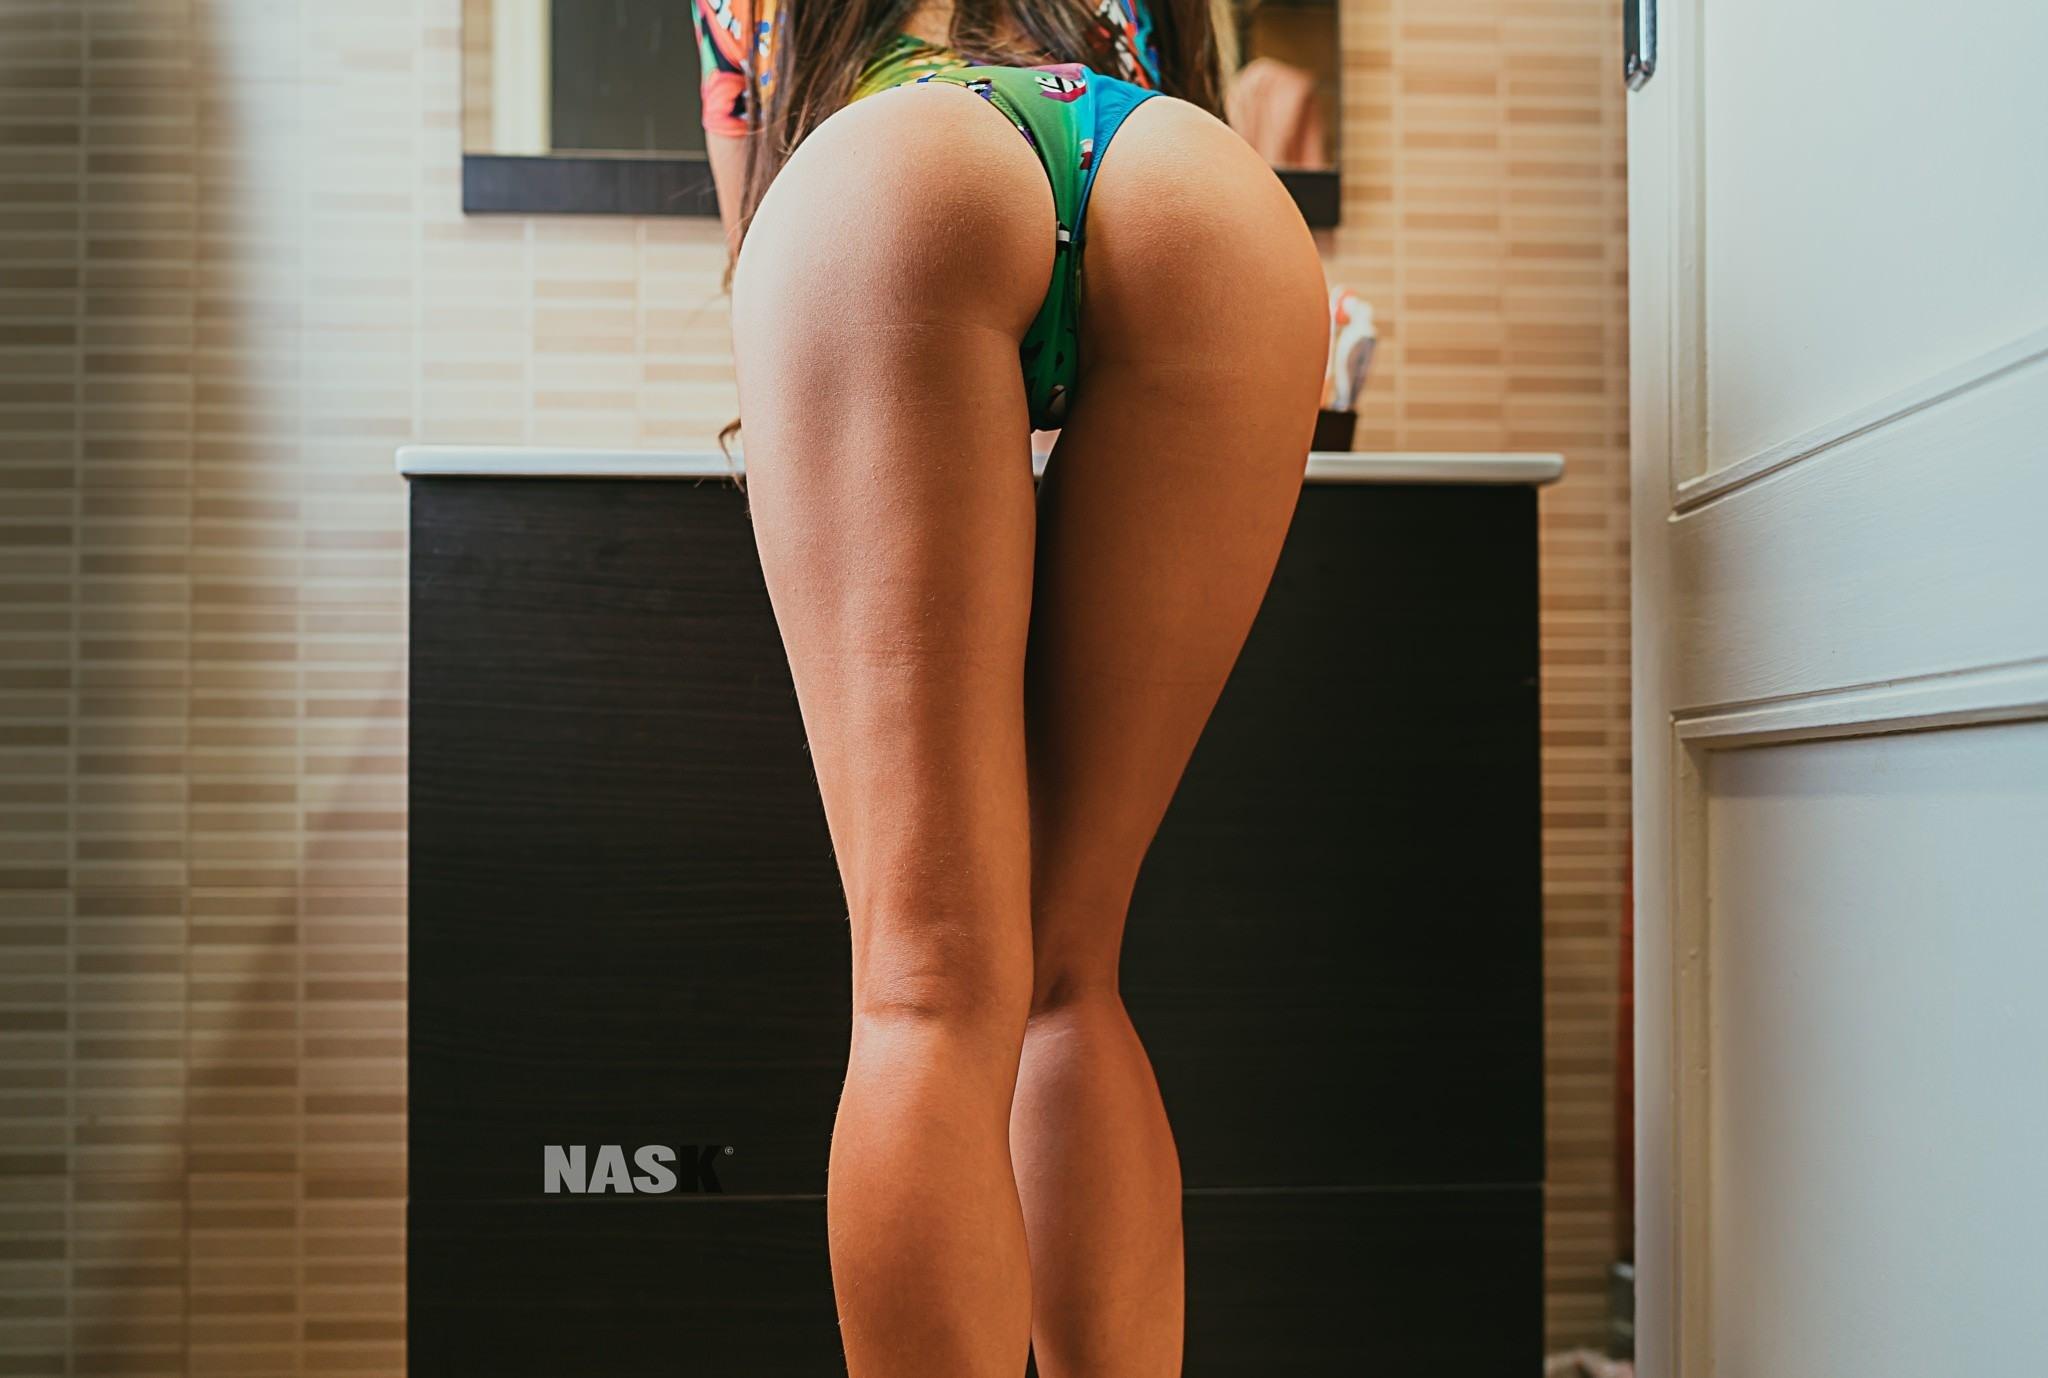 Фото Длинноногая девушка в туалете перед зеркалом, сексуальная попка в зеленых трусиках, скачать картинку бесплатно